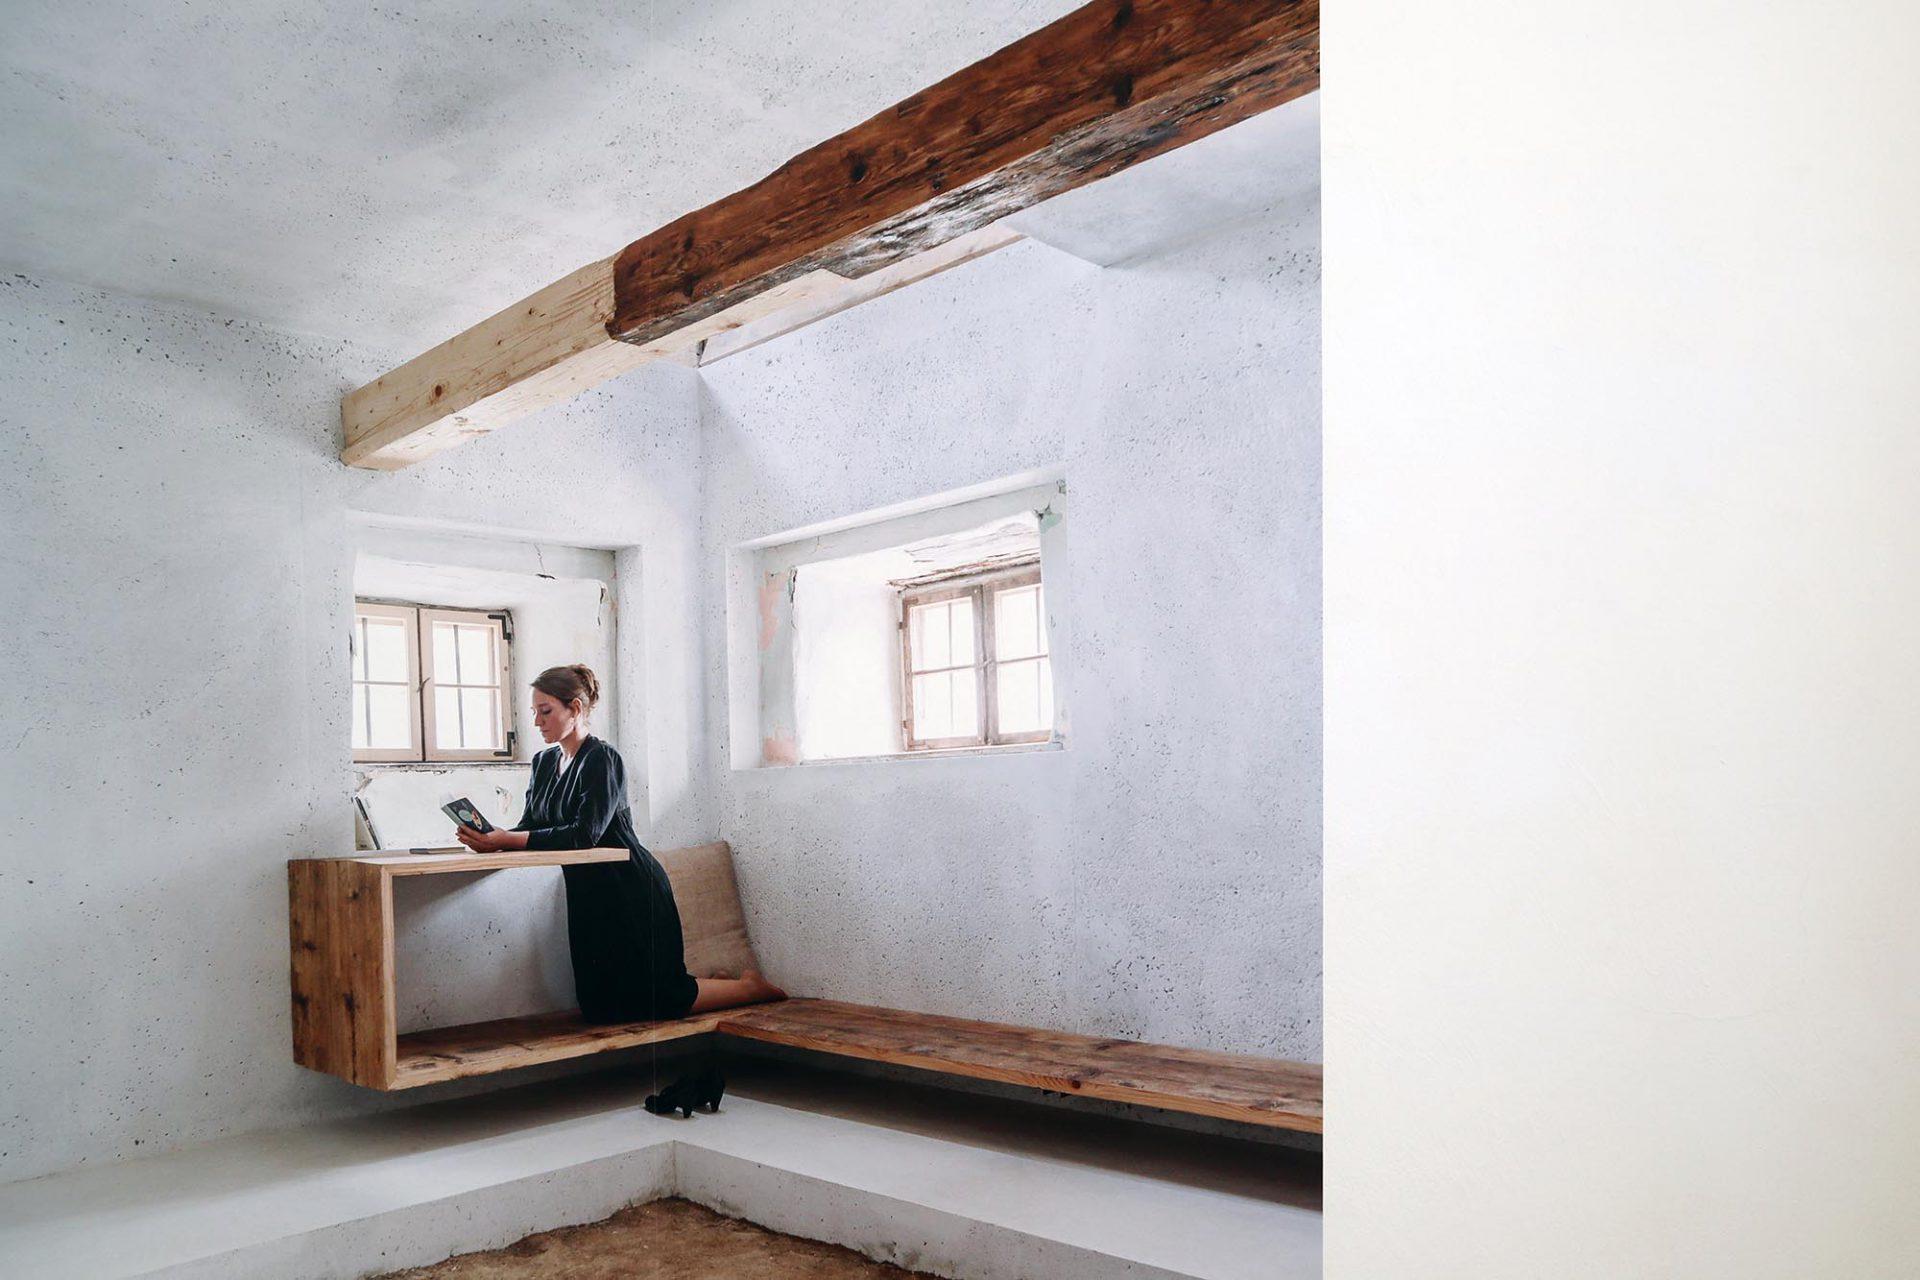 Ausstellung Bayerwaldzyklus Peter Haimerl. Architektur